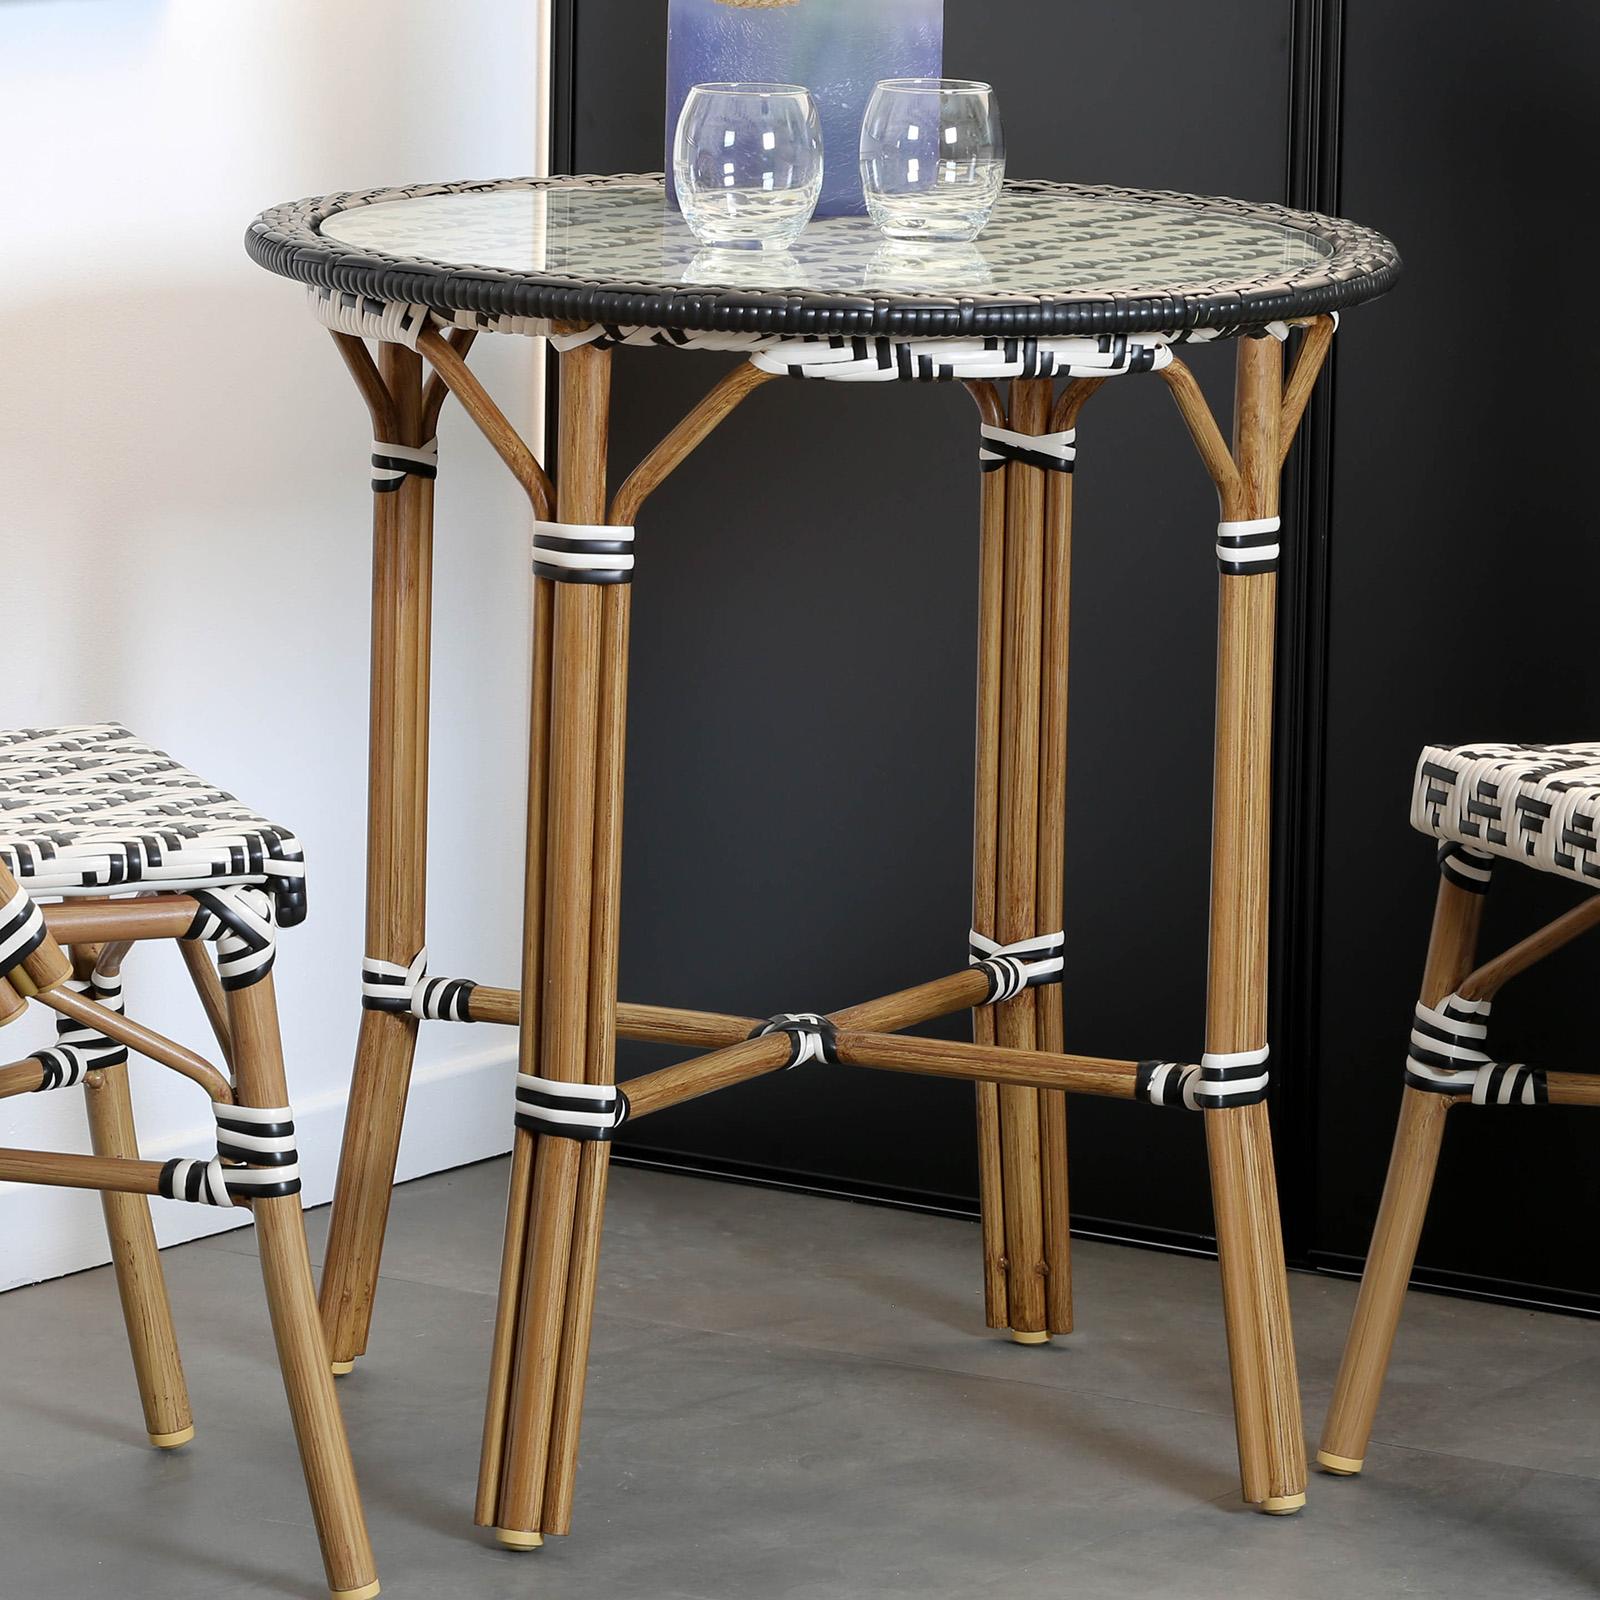 petite table de jardin motif zigzag